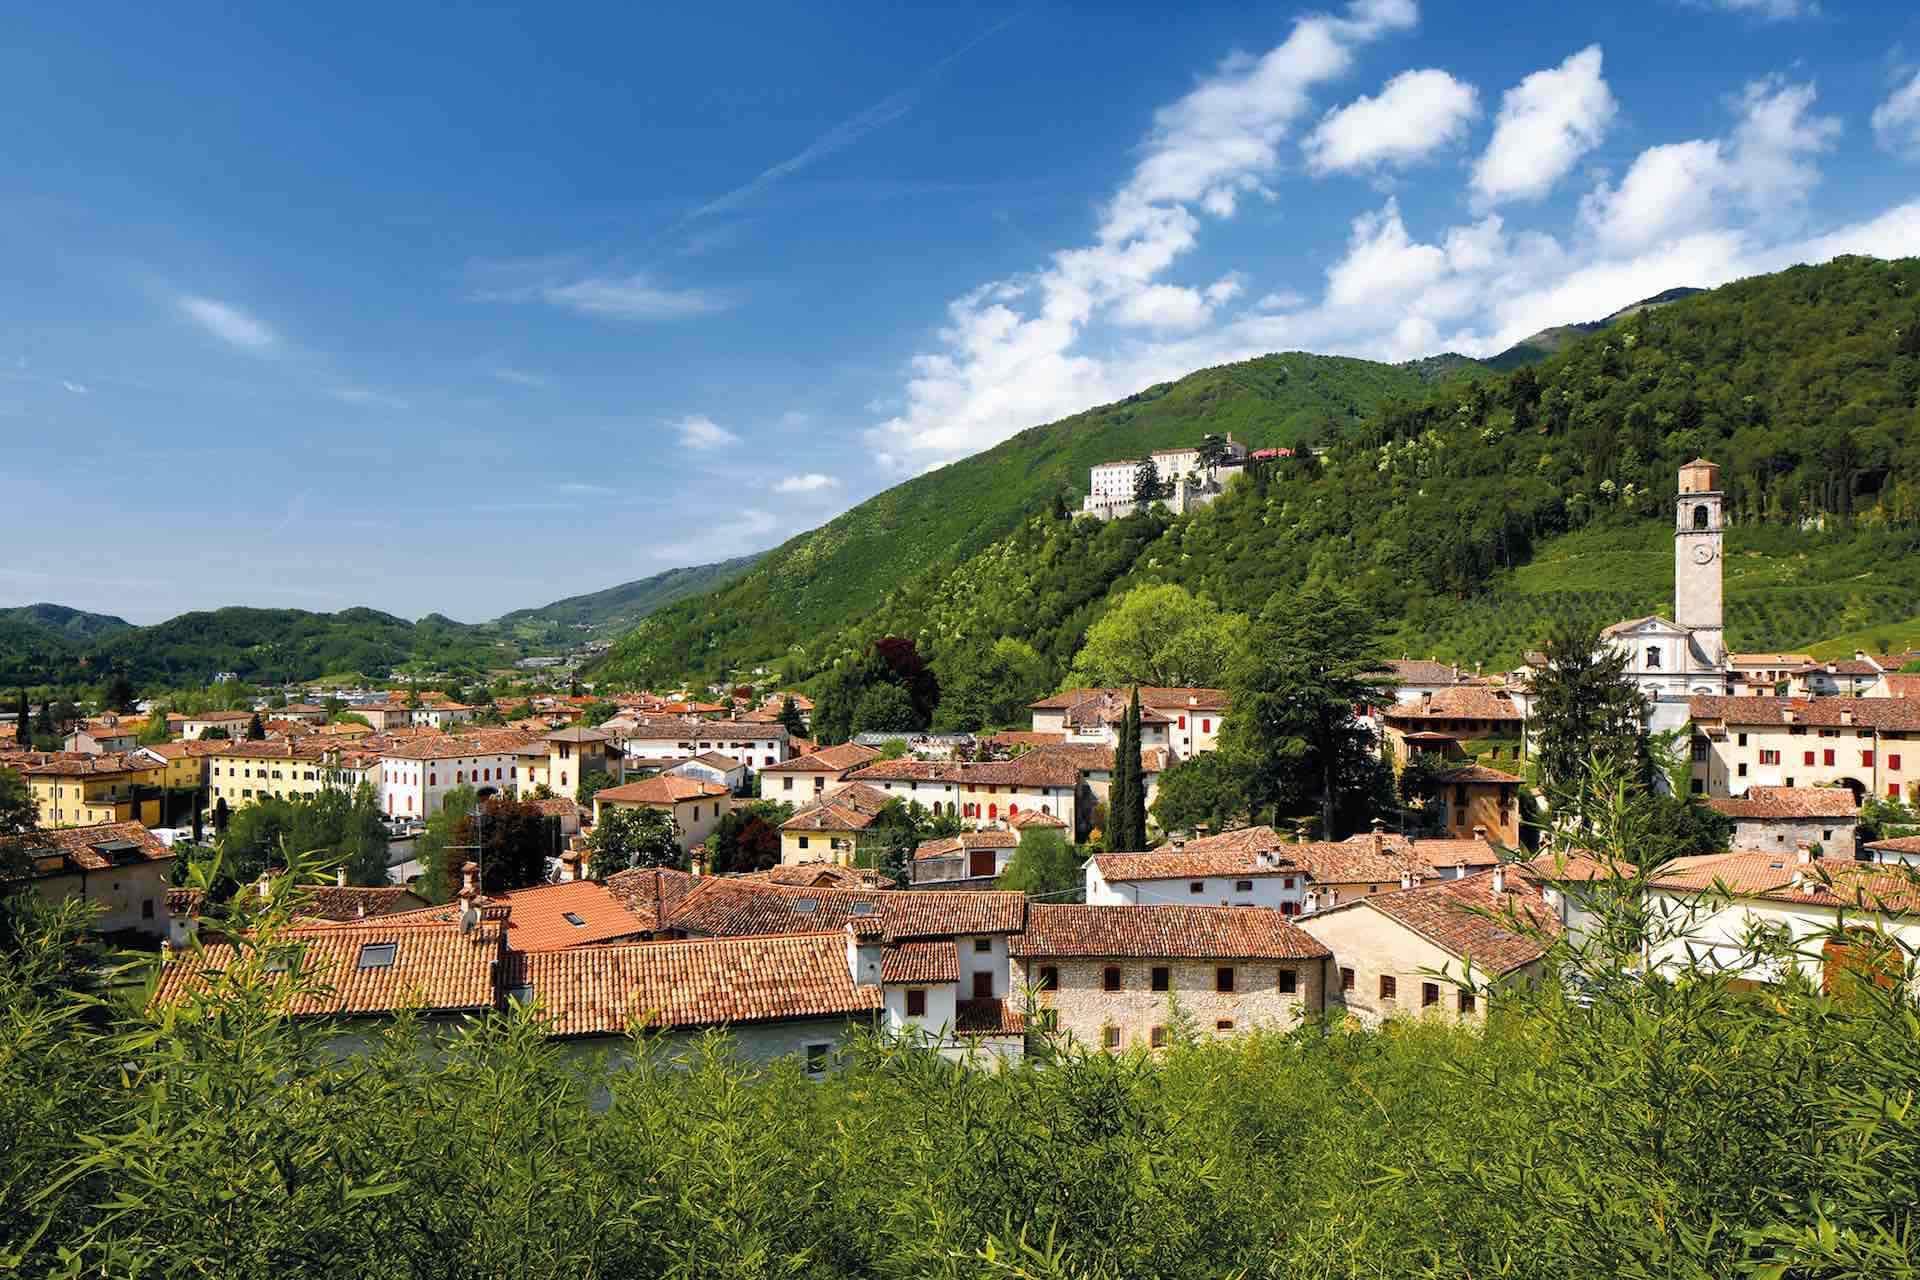 Panoramica di Cison di Valmarino ed il suo castello in Treviso